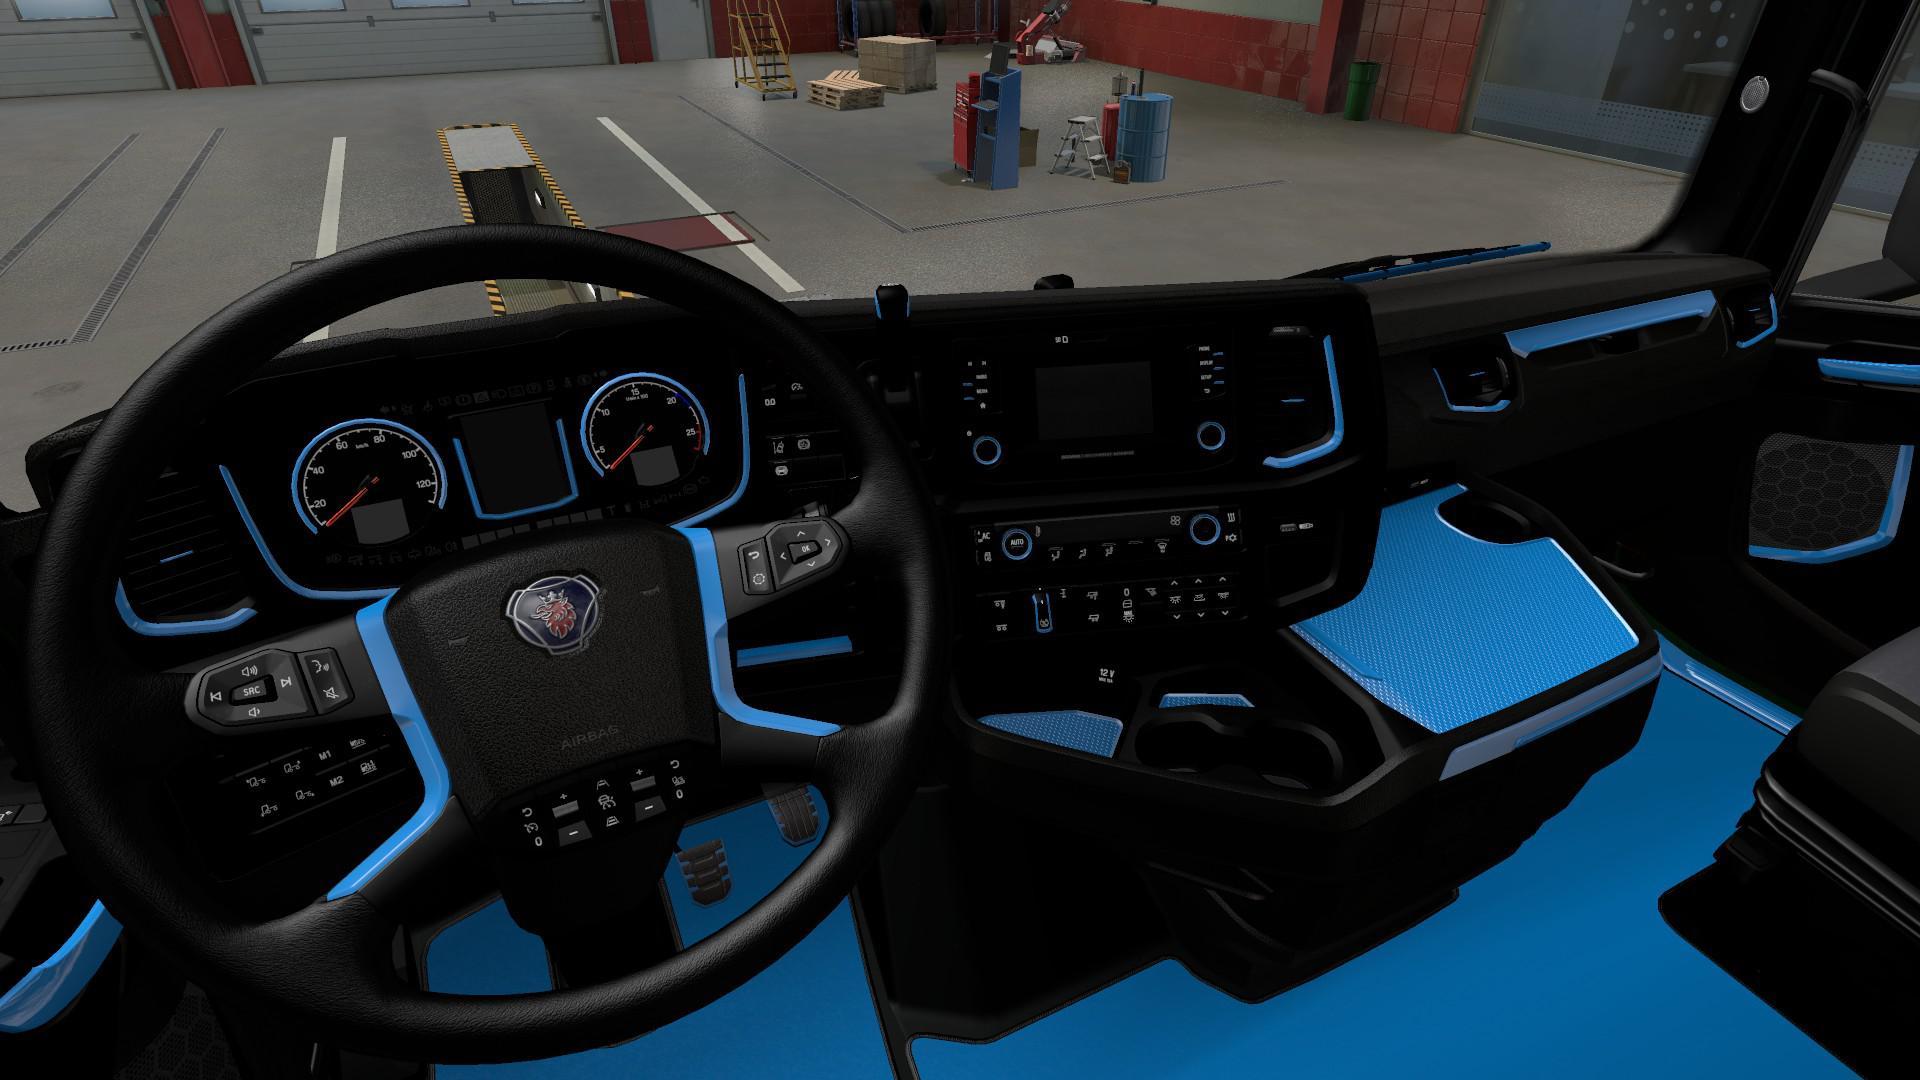 ETS2 - Blue Interior for Scania 2016 V1.0 (1.40.x)